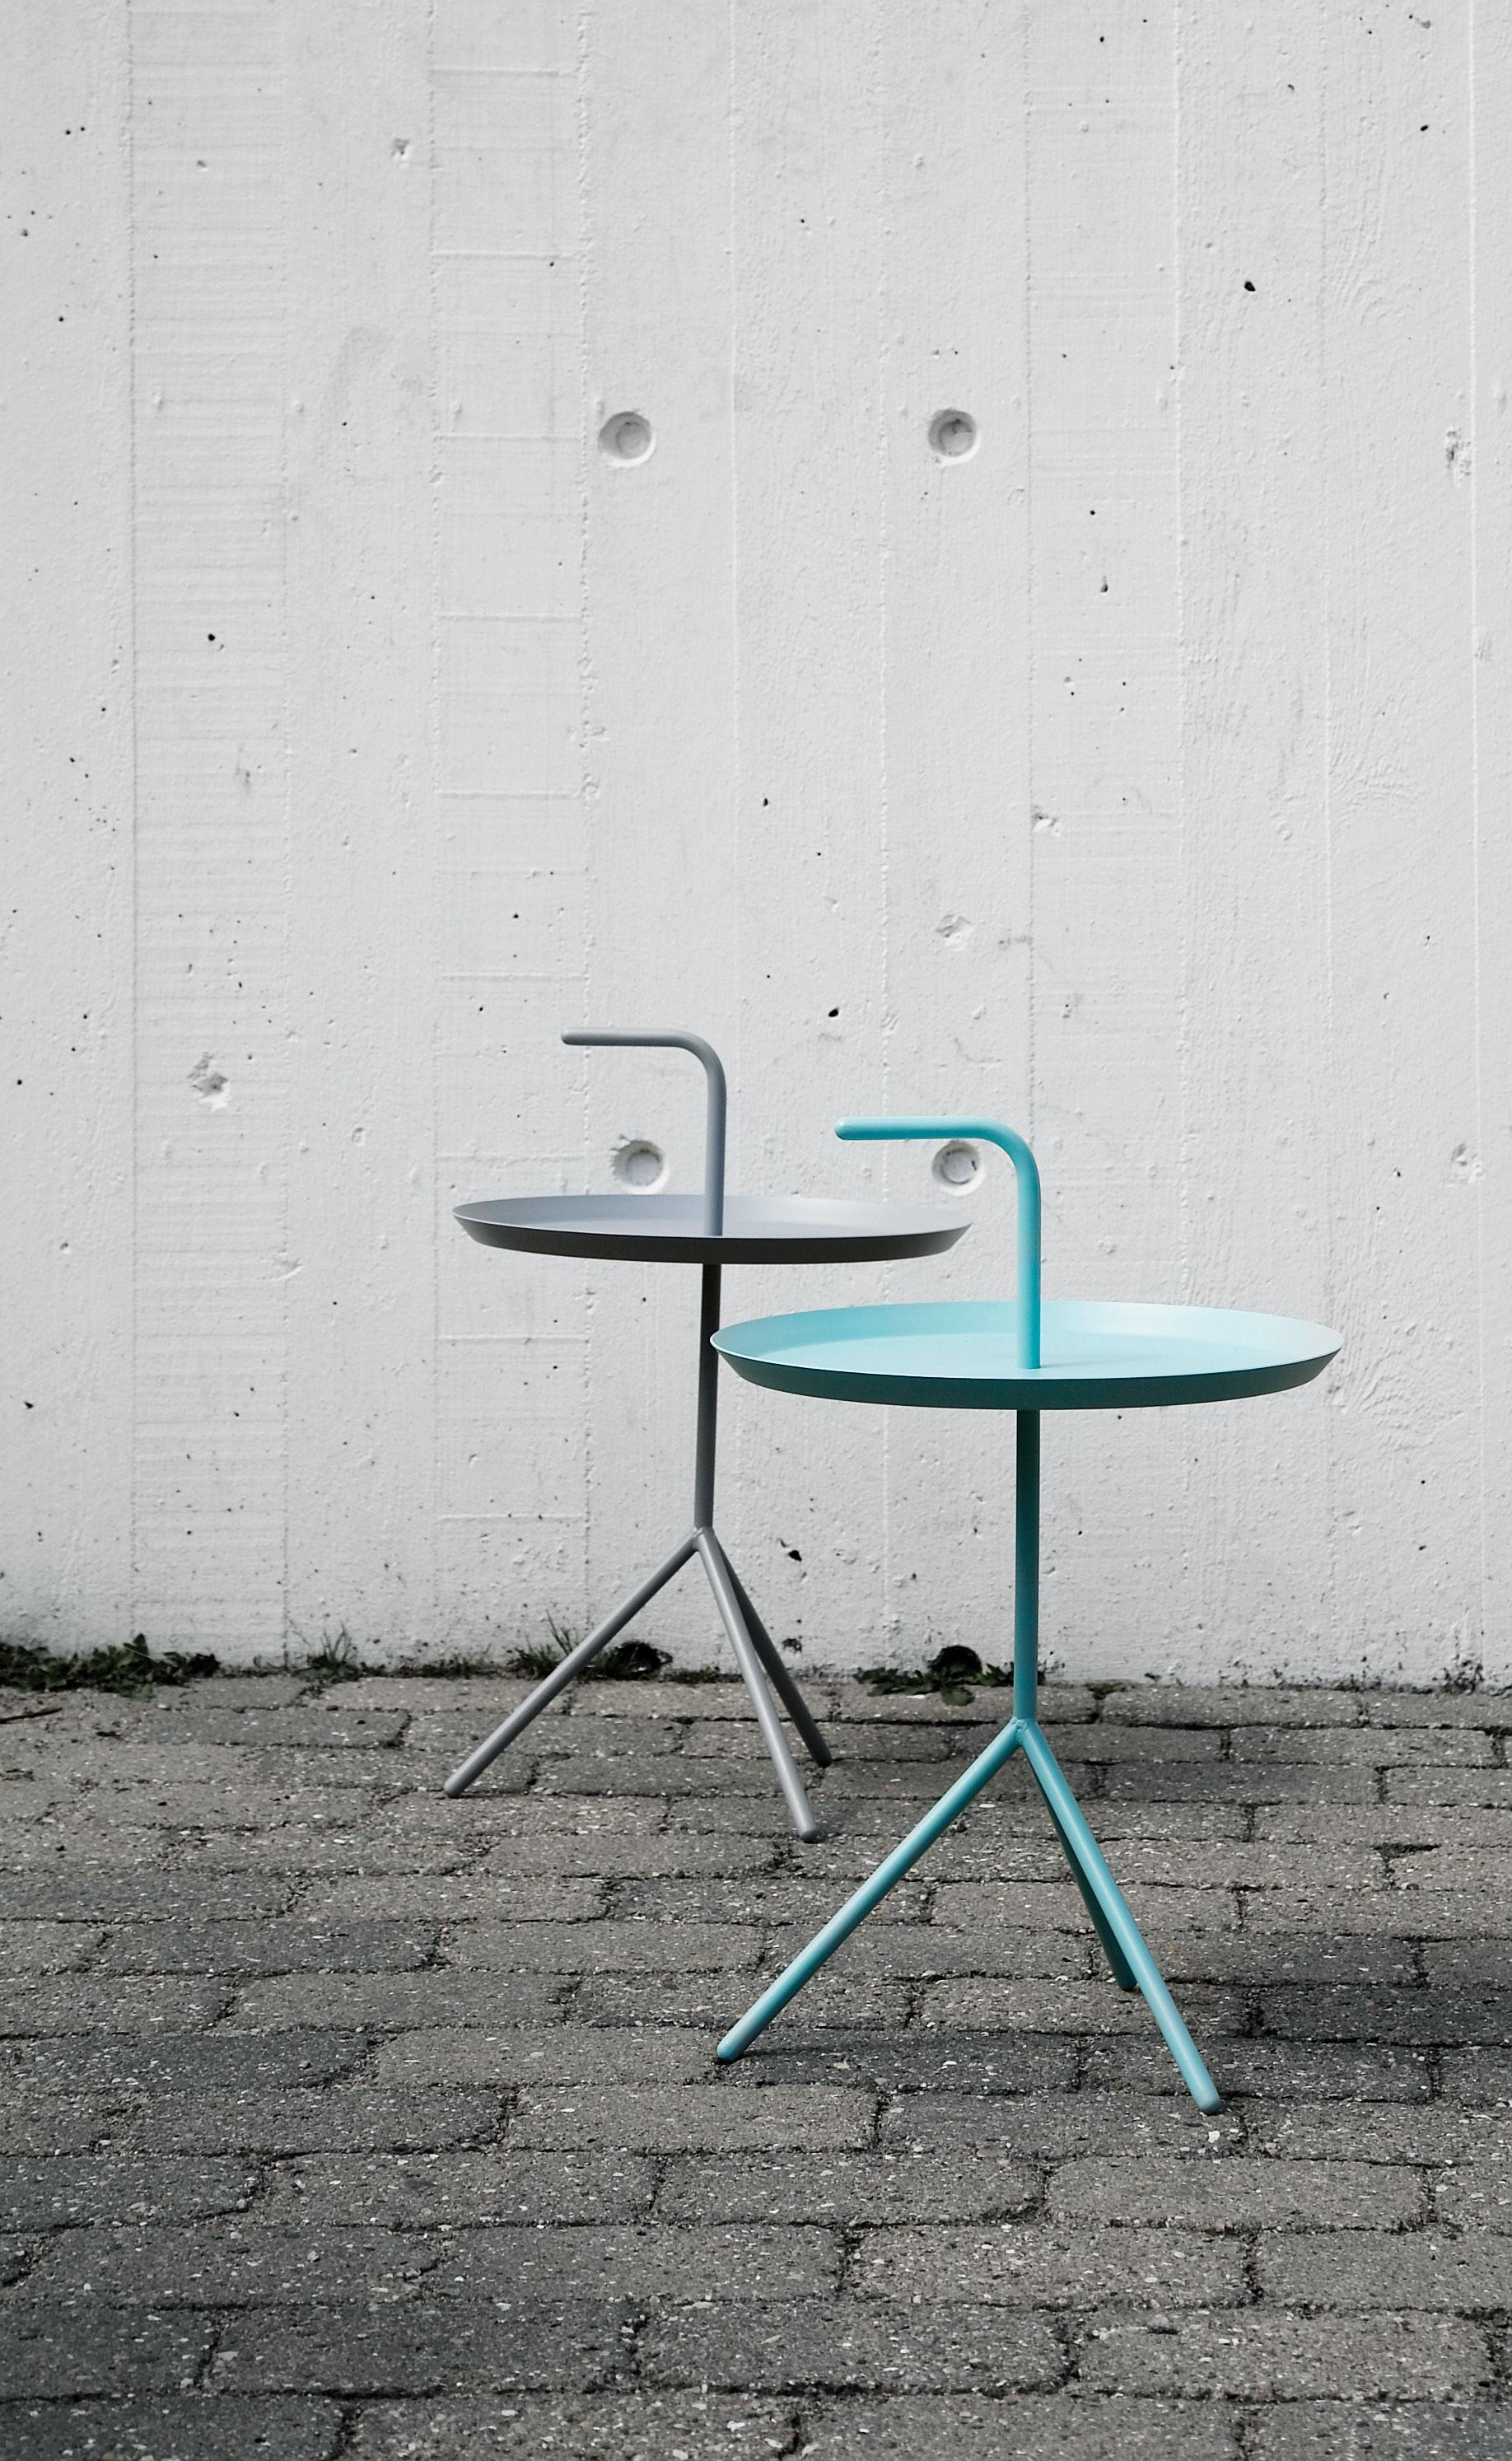 Table basse don 39 t leave me 38 cm vert d 39 eau hay for Table basse scandinave vert d eau